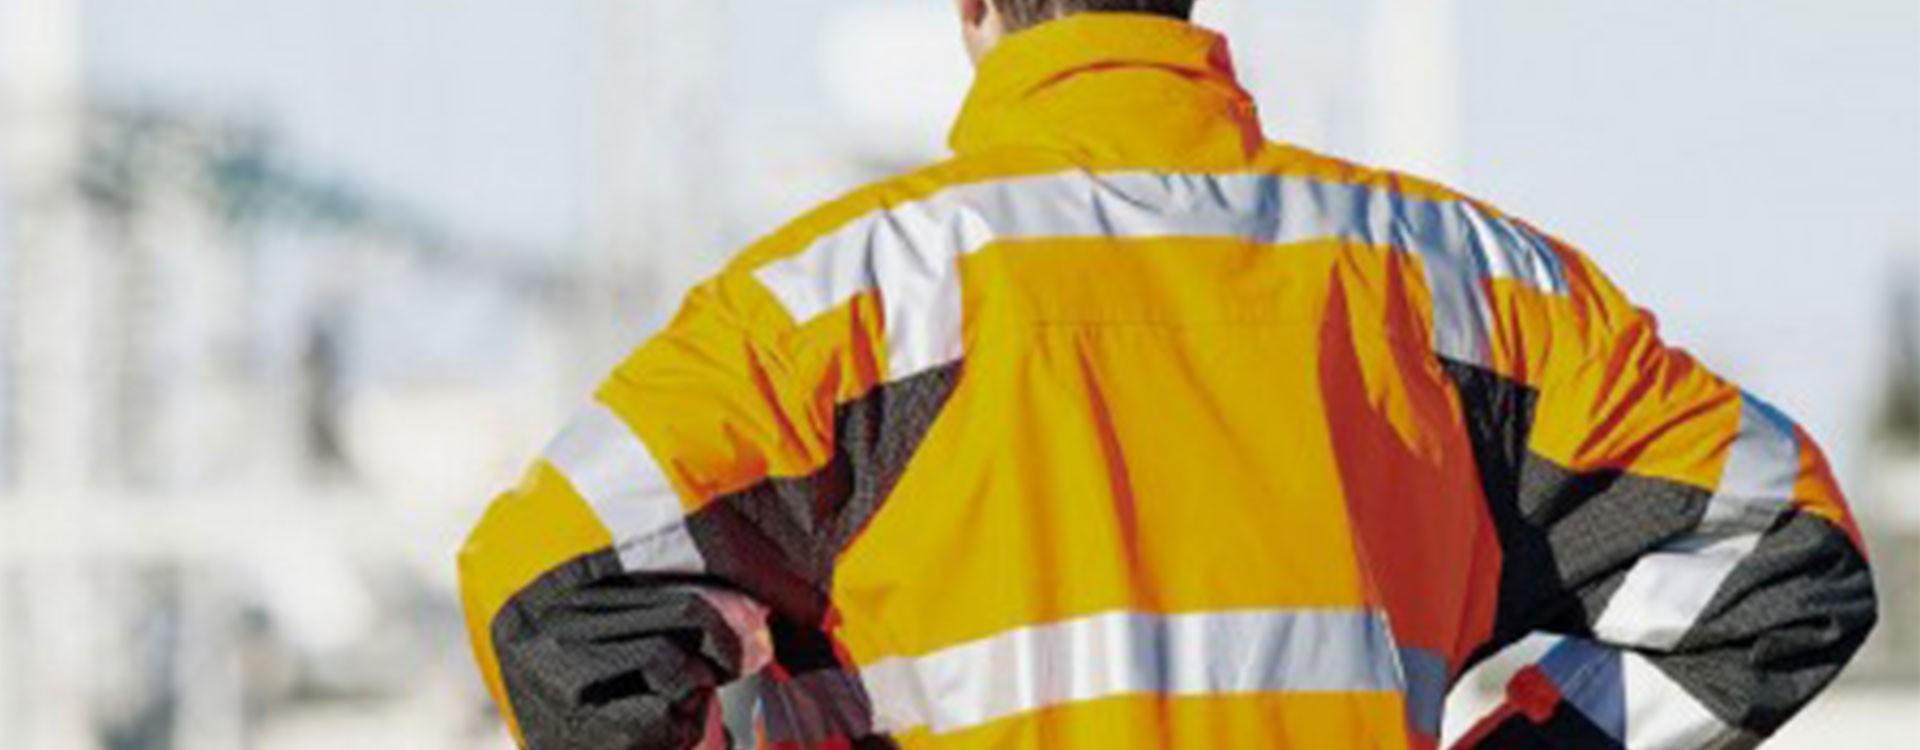 Privilégiez les vêtements de pluie professionnels pour vos travaux en extérieur